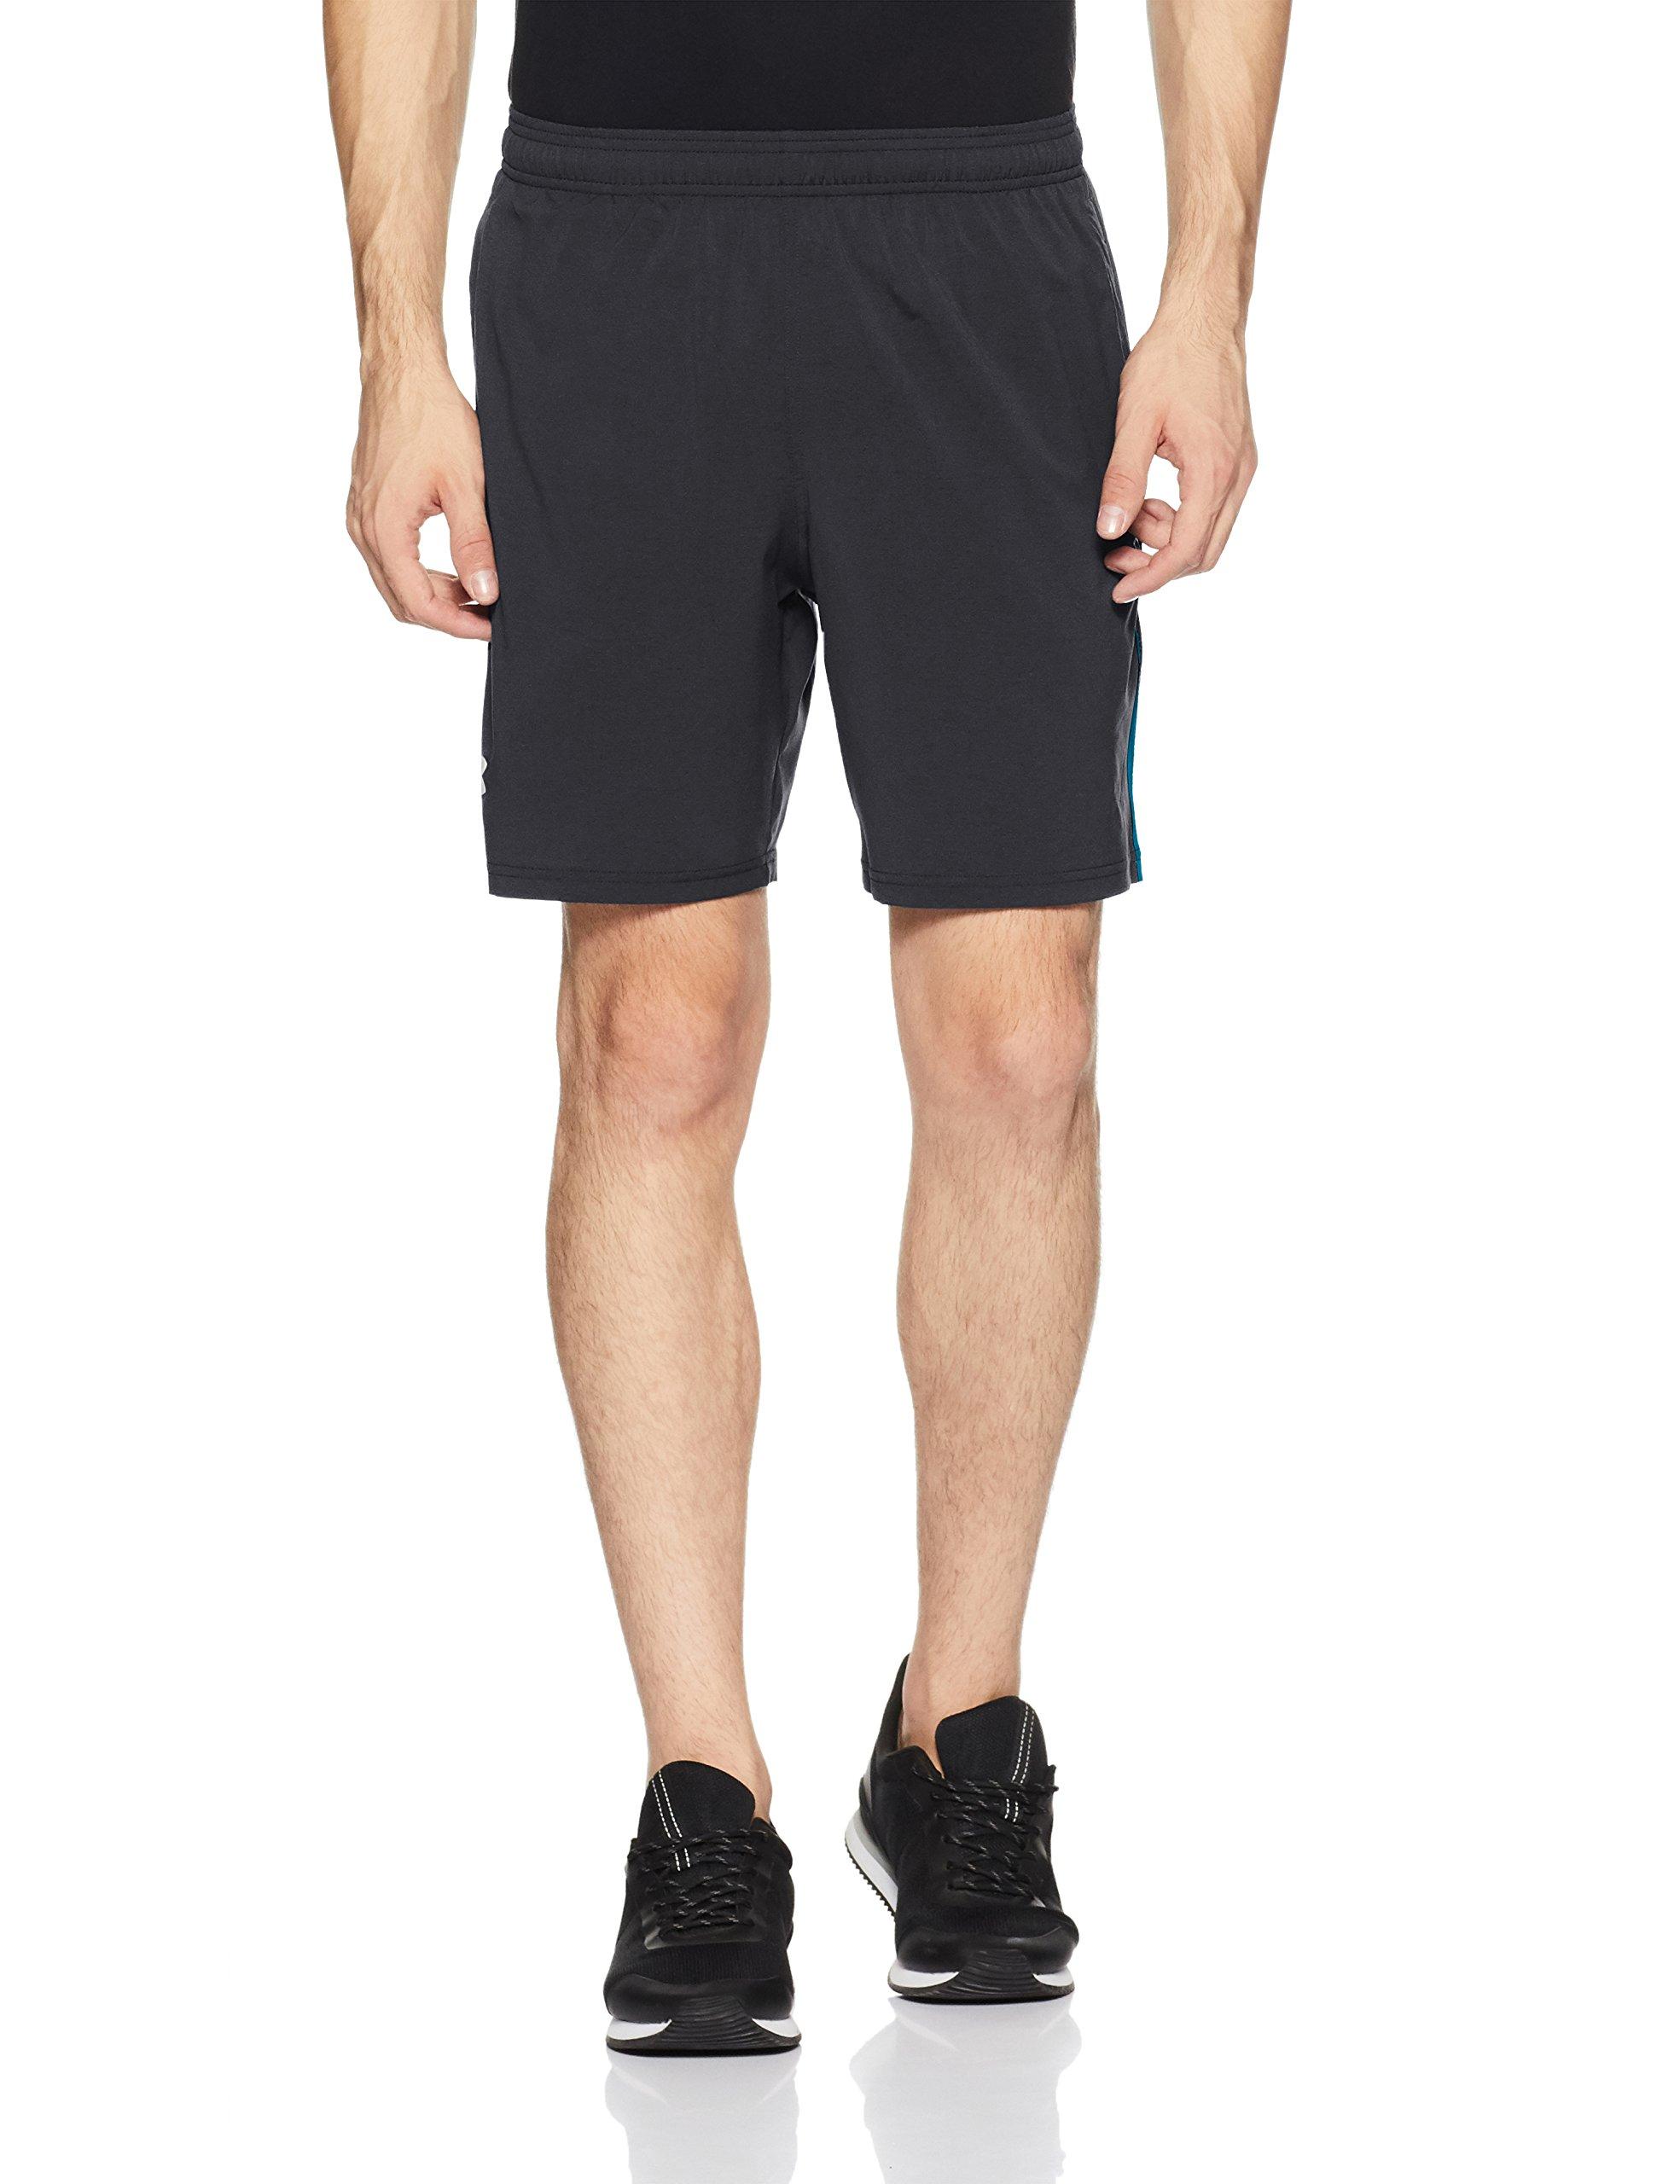 Under Armour Men's Launch 7'' Shorts,Black